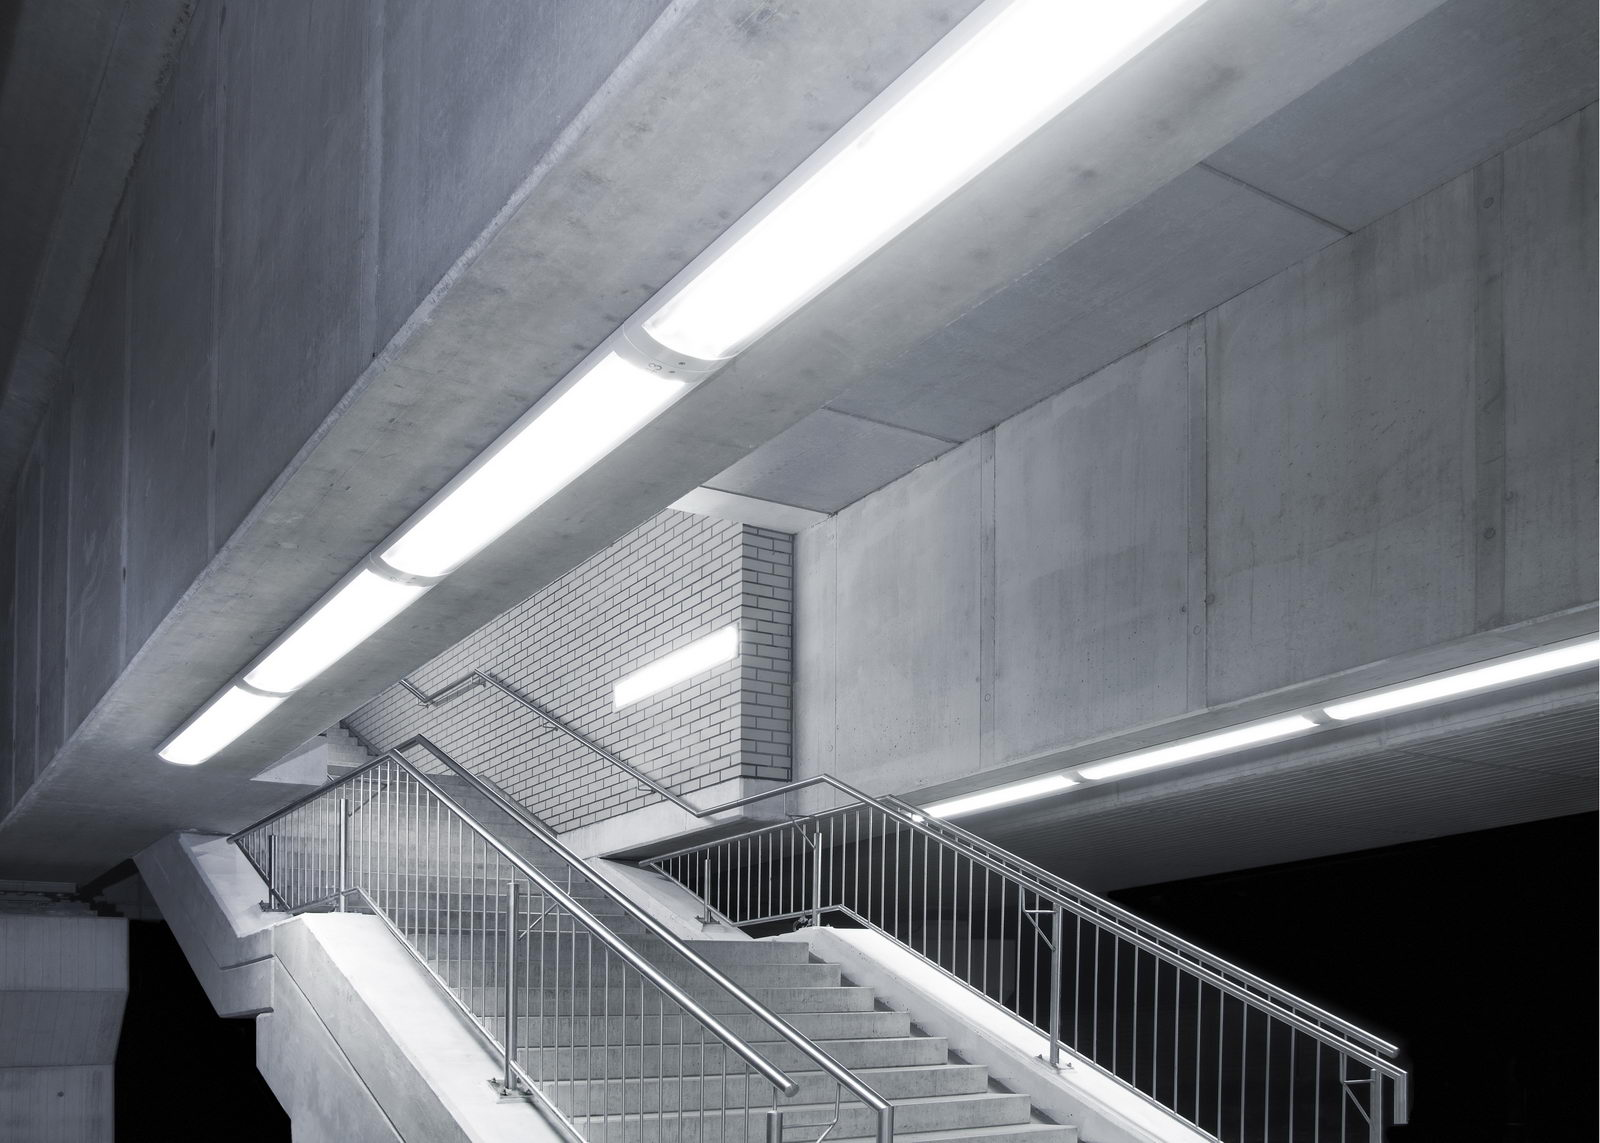 Die Bildserie des Essener S-Bahnhofes stammt noch aus meiner Studienzeit. Die Architektur wirkt freigestellt, da es durch die Dunkelheit keinen Bezug mehr zur Umgebung gibt. Somit geht es um das Produkt S-Bahnhof. Eine Ansammlung von Material und Produkten, verknüft und freigestellt zugleich.